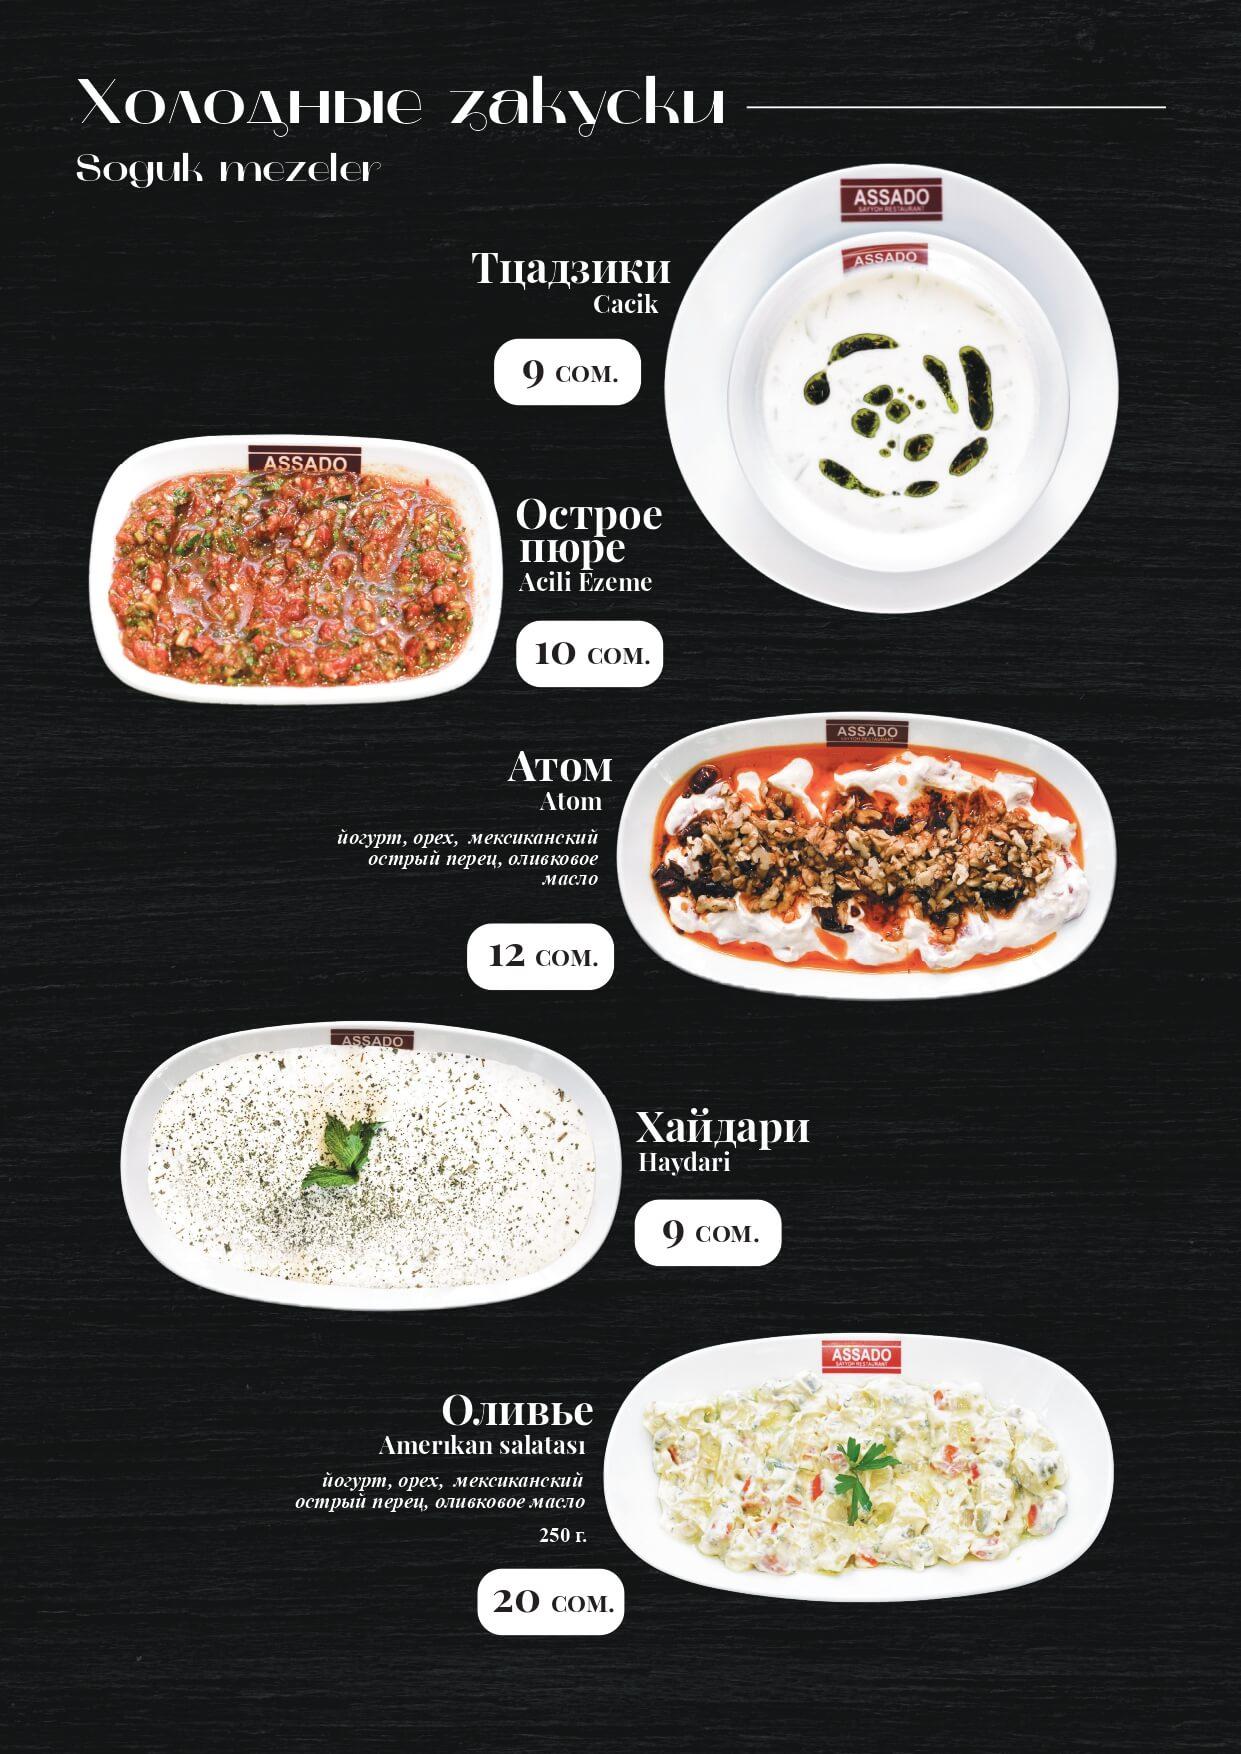 Assado_menu_page-0012